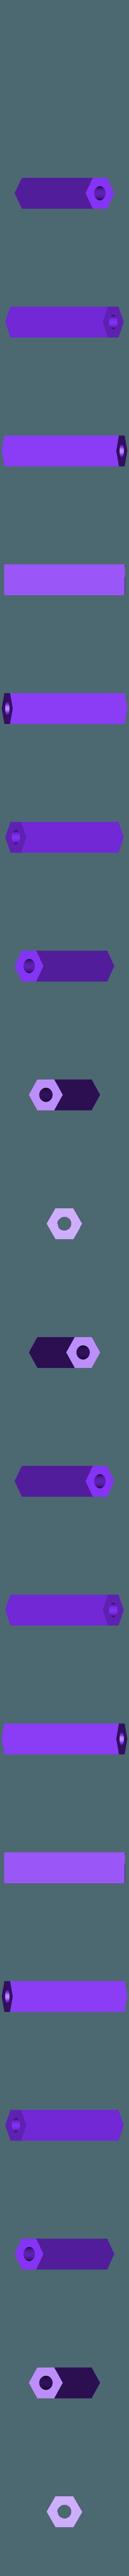 standoff_customizable_04_20190629-57-169uotm.stl Télécharger fichier STL gratuit Helifar X140 Pro - Runcam Split - montage par le haut • Design imprimable en 3D, noctaro